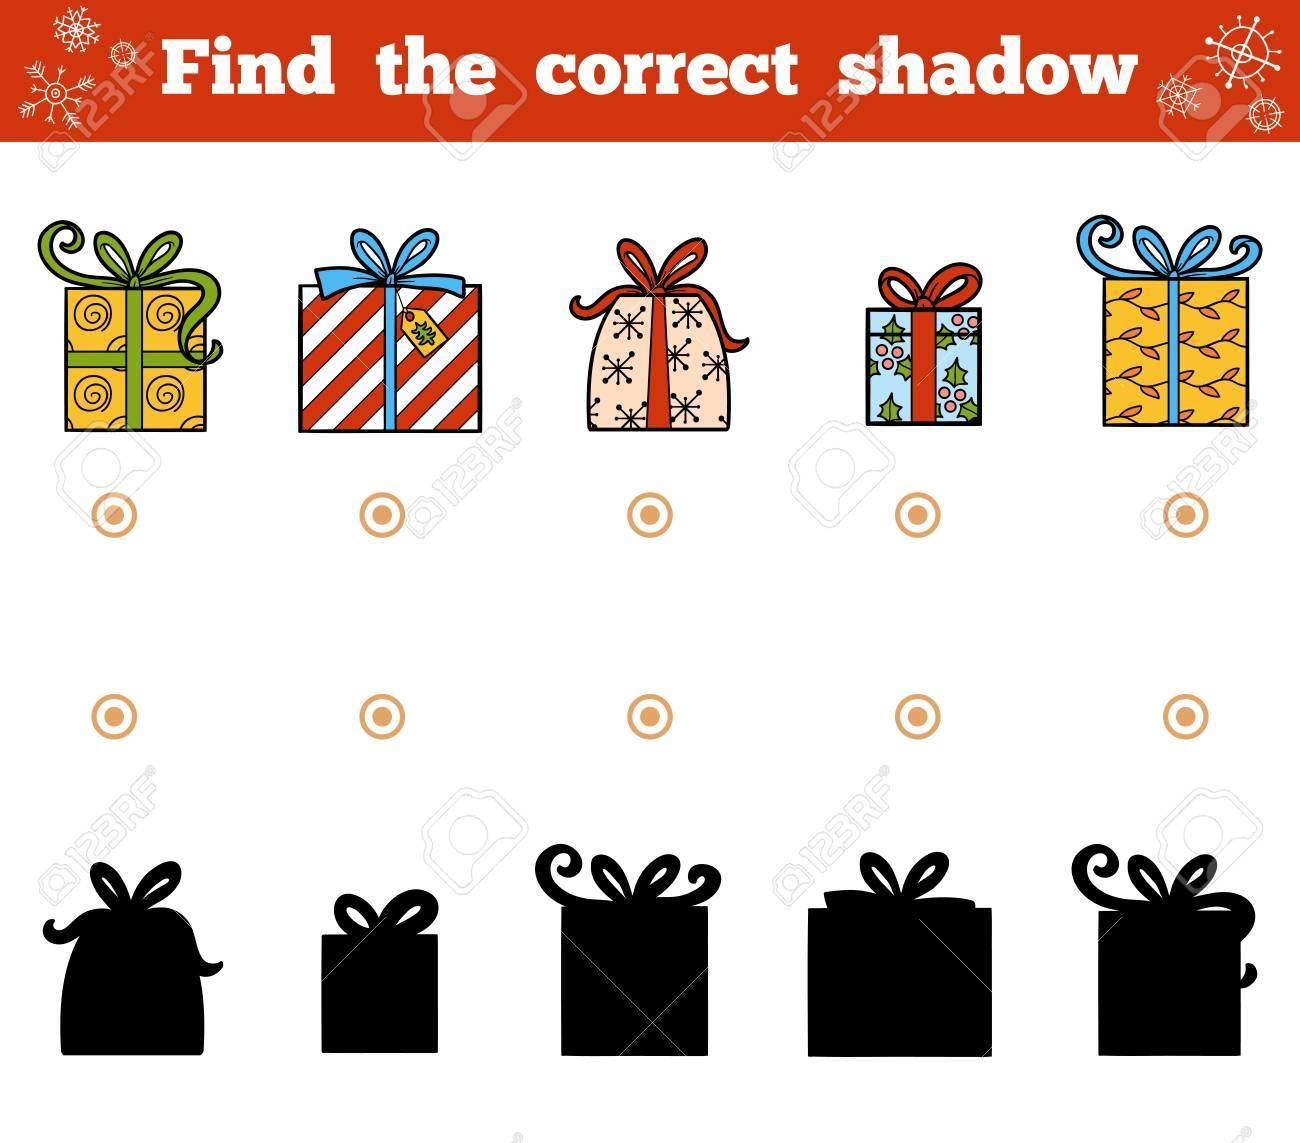 Die Richtigen Weihnachtsgeschenke Finden.Stock Photo